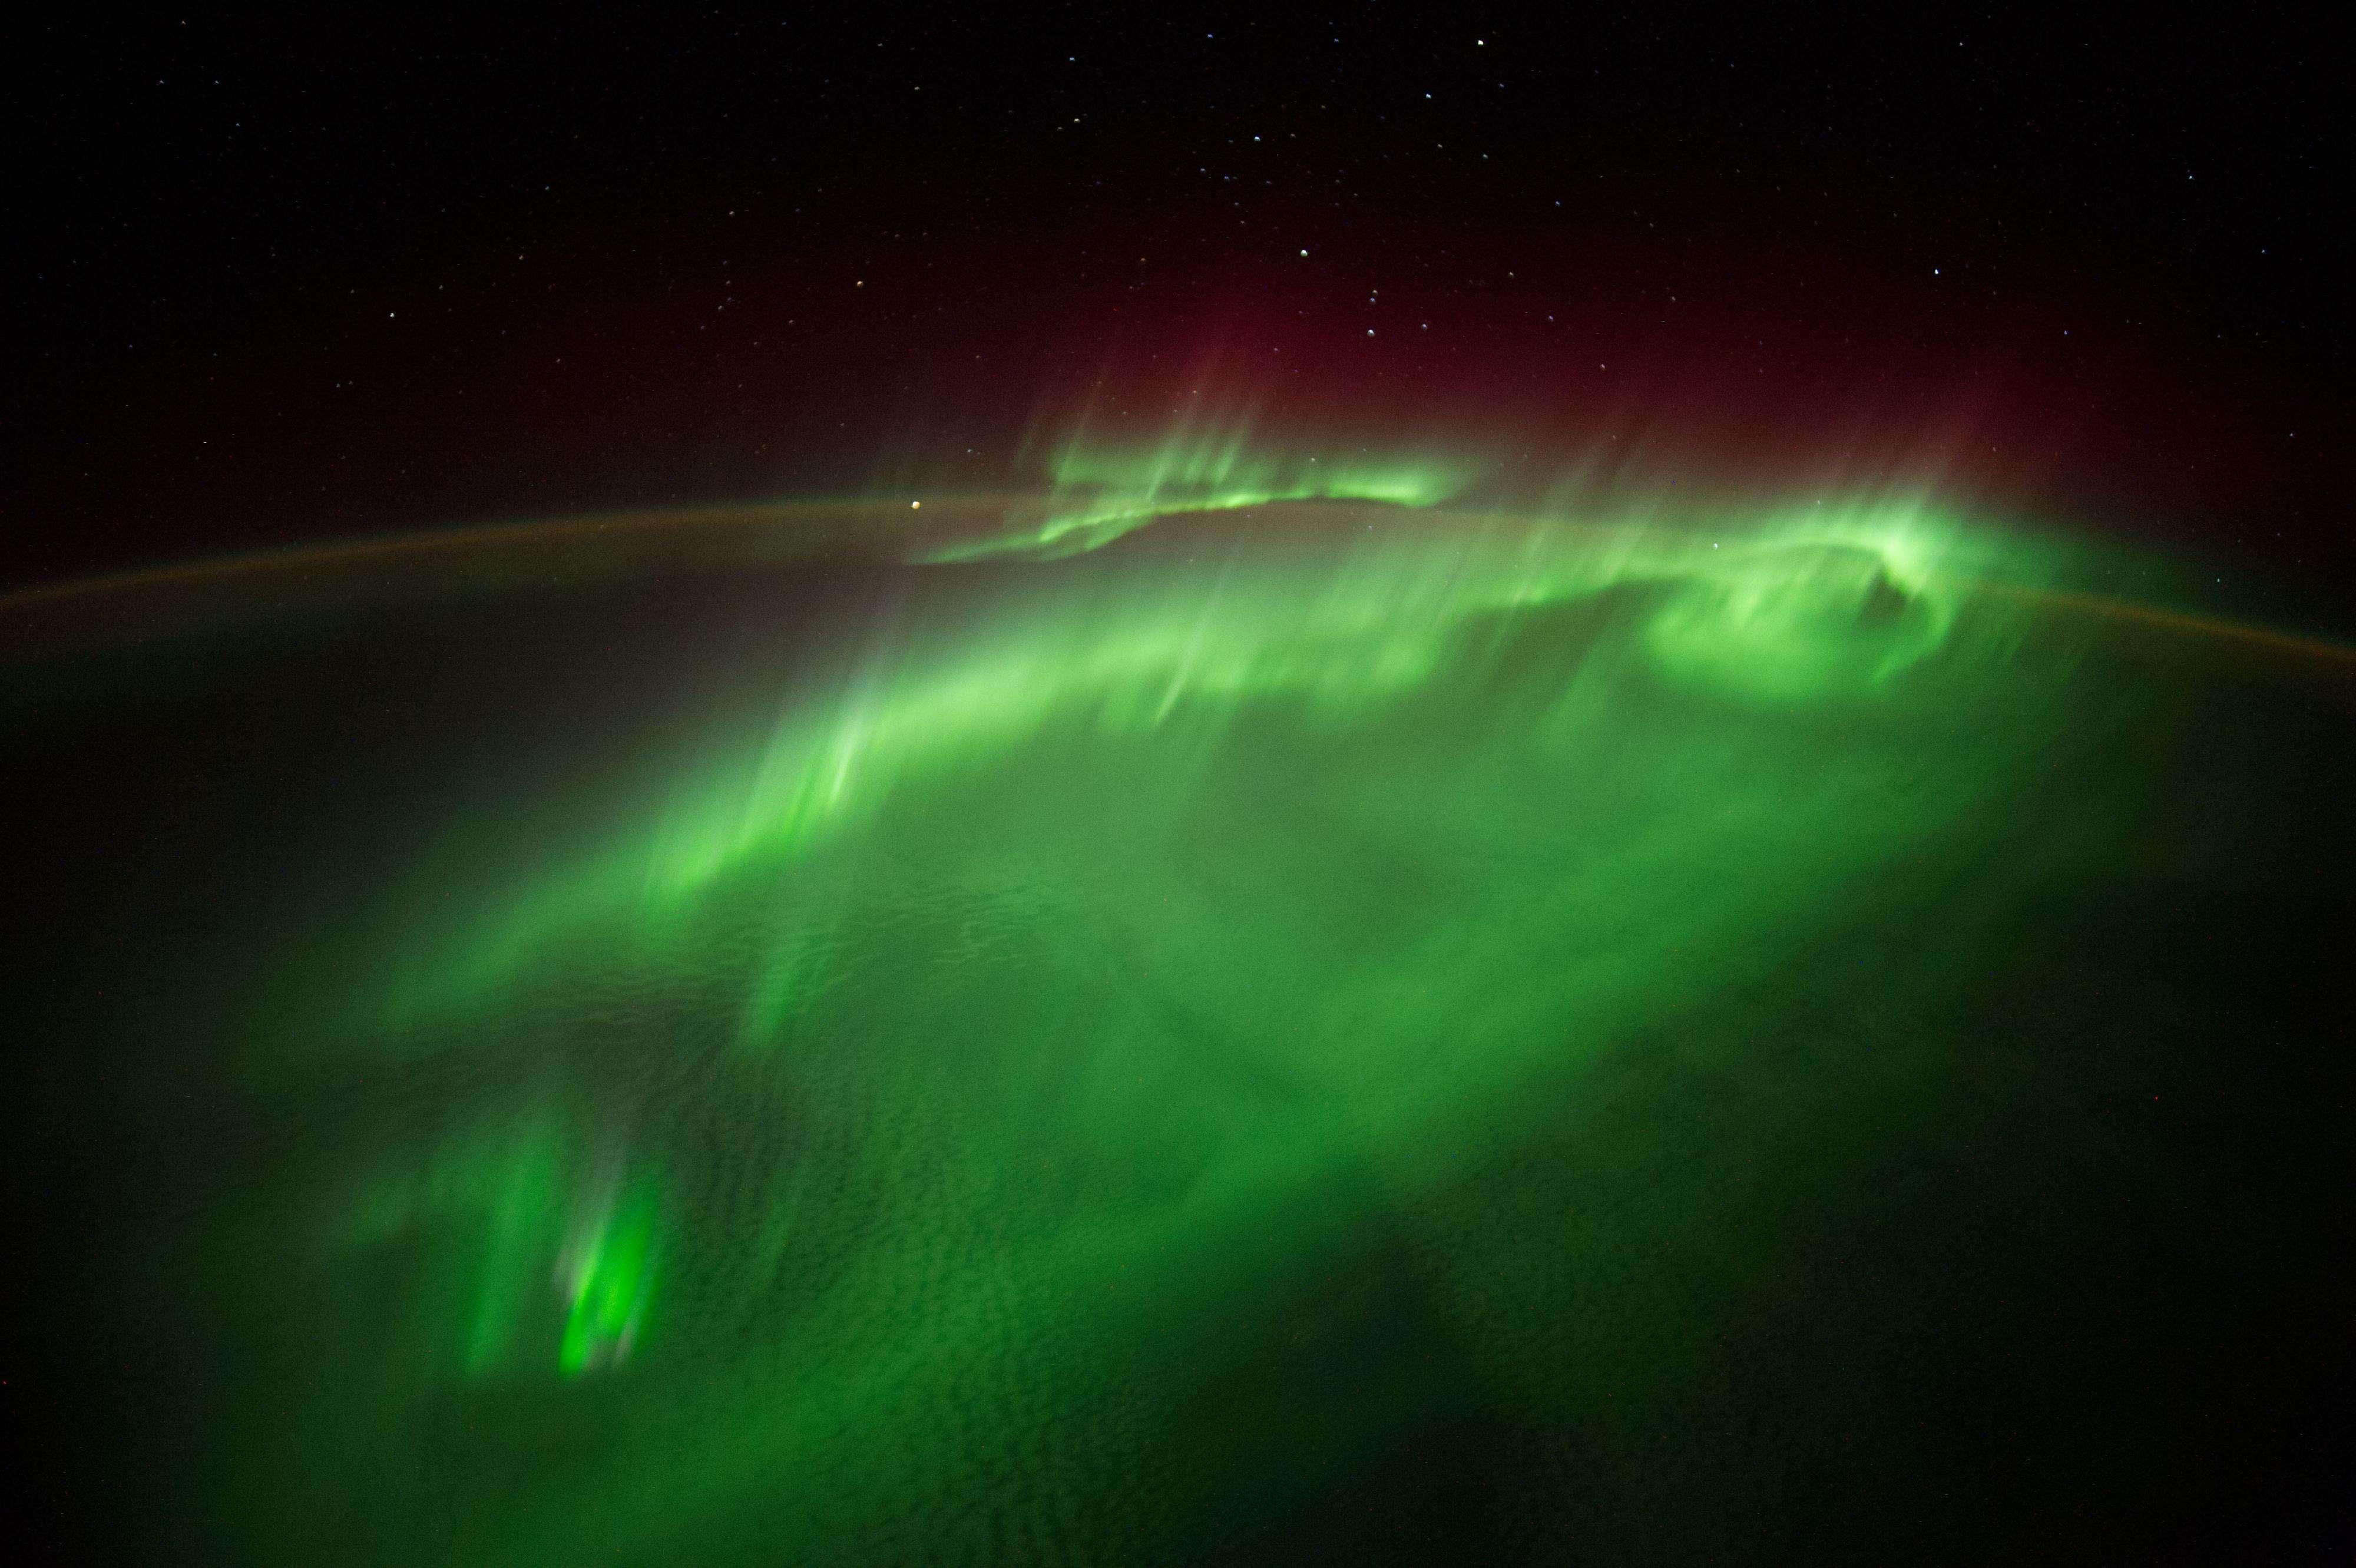 La foto del día de la NASA el 9 de septiembre de 2014 fue la imagen que captó el astronauta Alexander Gerst de una aurora en la Tierra desde la Estación Espacial Internacional. Foto: Alexander Gerst/NASA/ESA